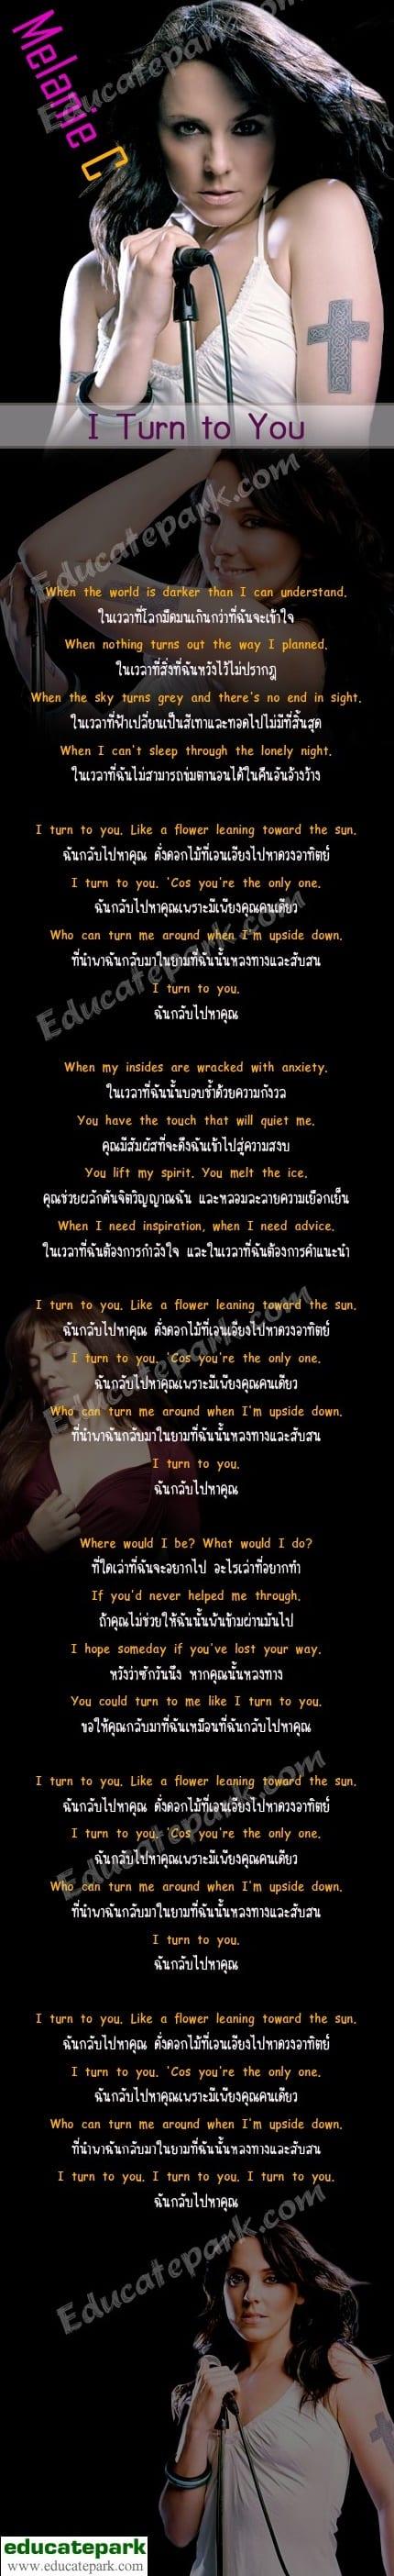 แปลเพลง I Turn to You - Melanie C